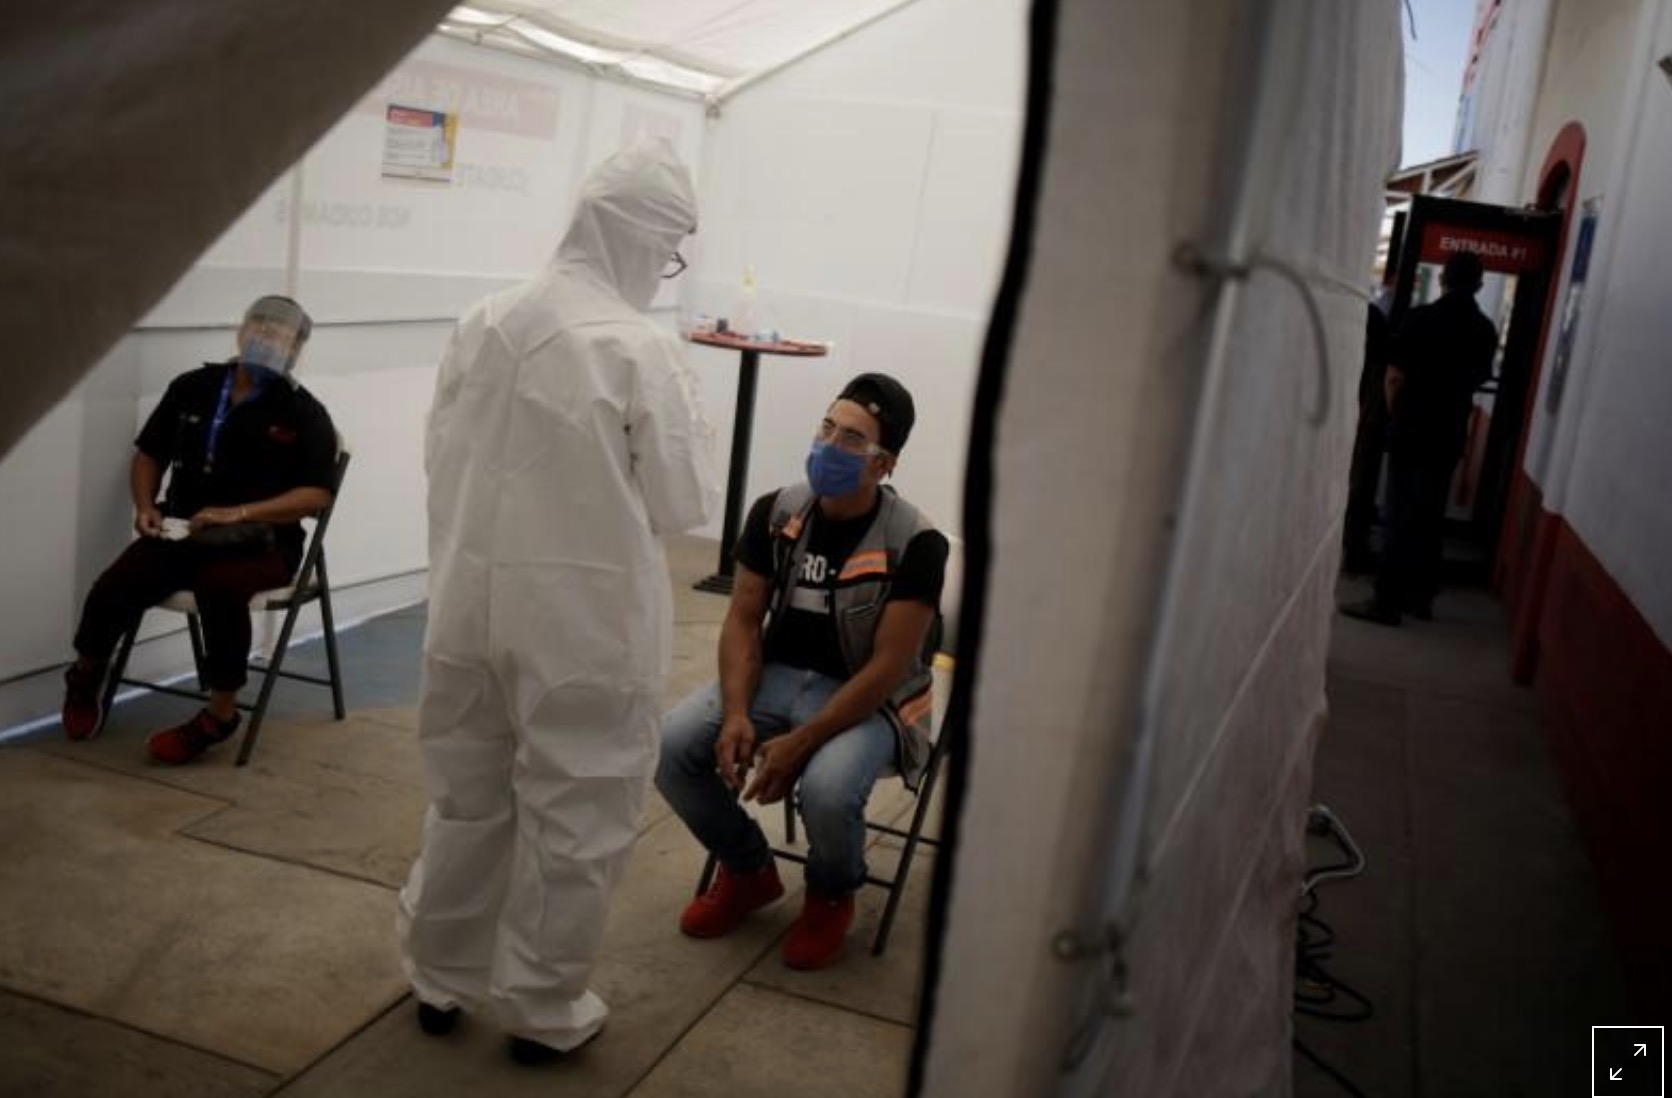 México roza las 10,000 muertes por coronavirus, contagiados se elevan a 90,664